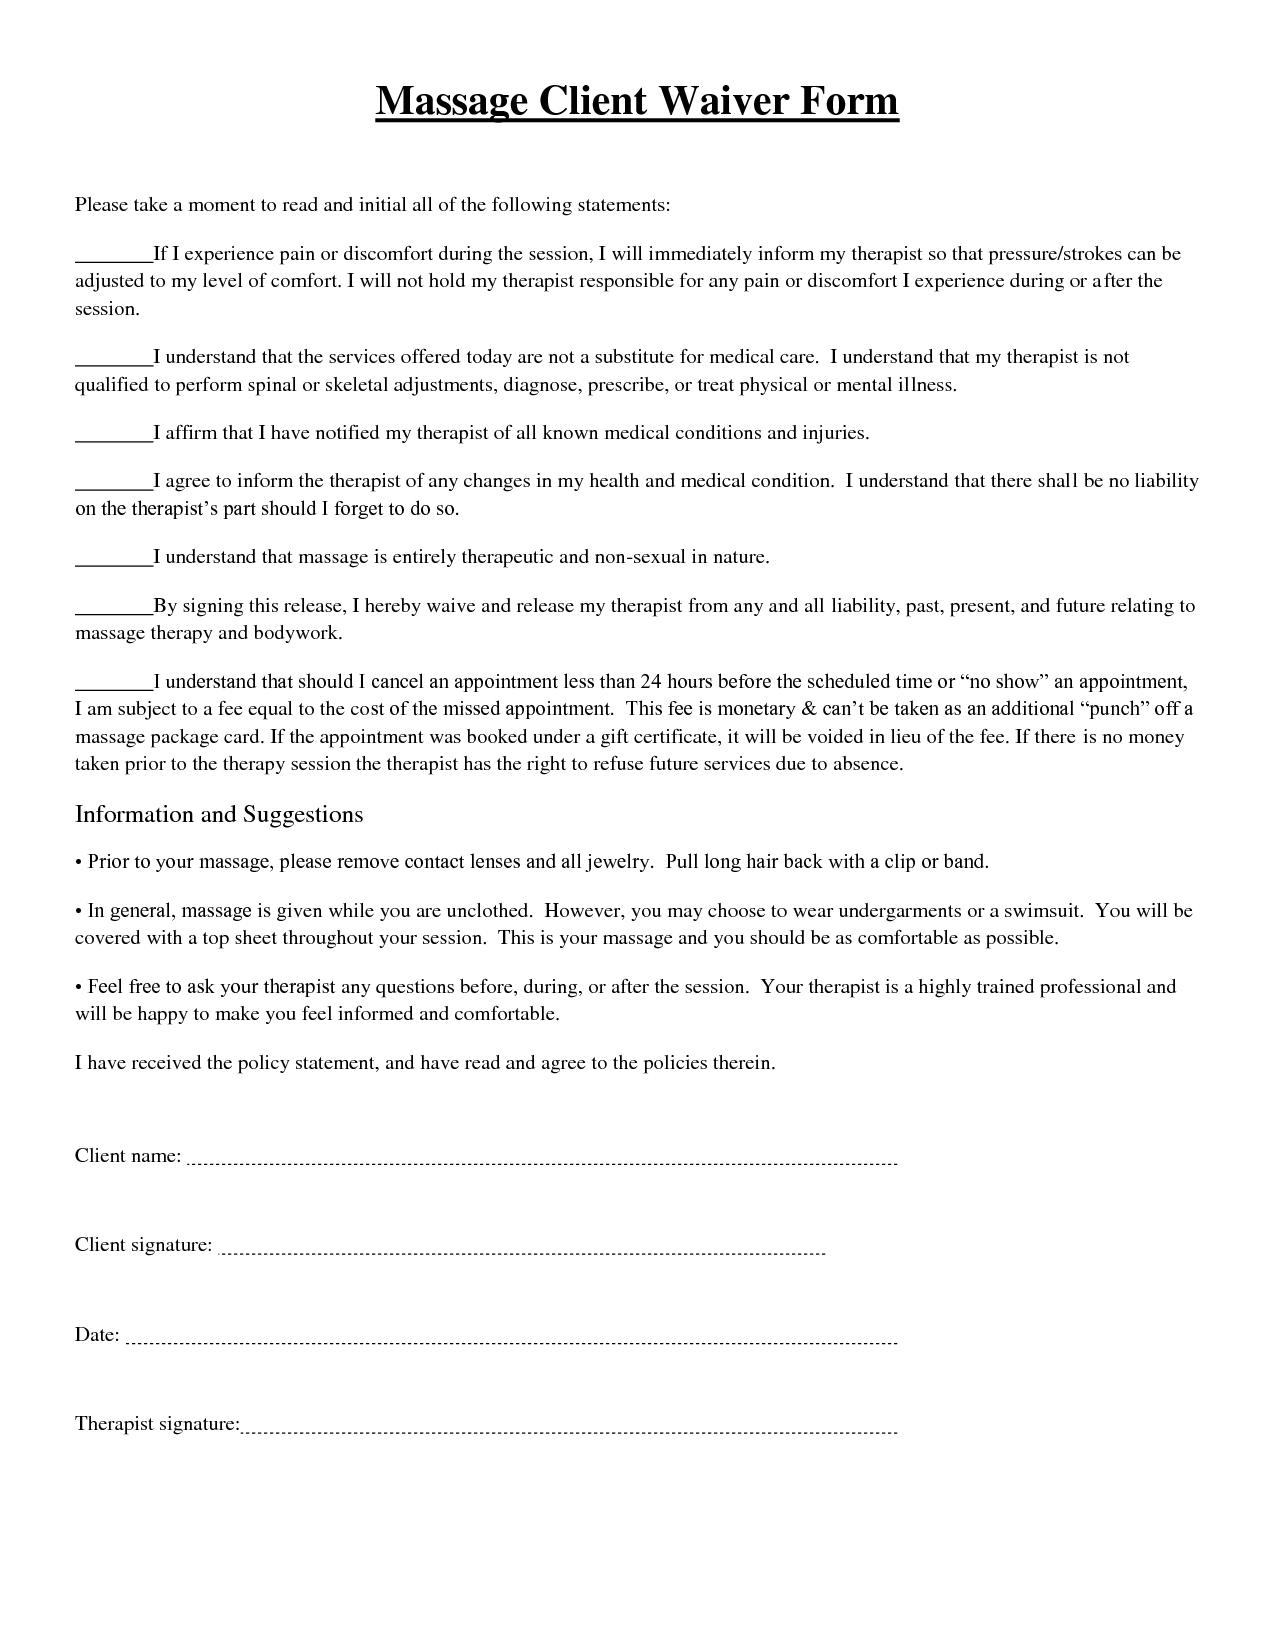 Massage Client Waiver Form Picture